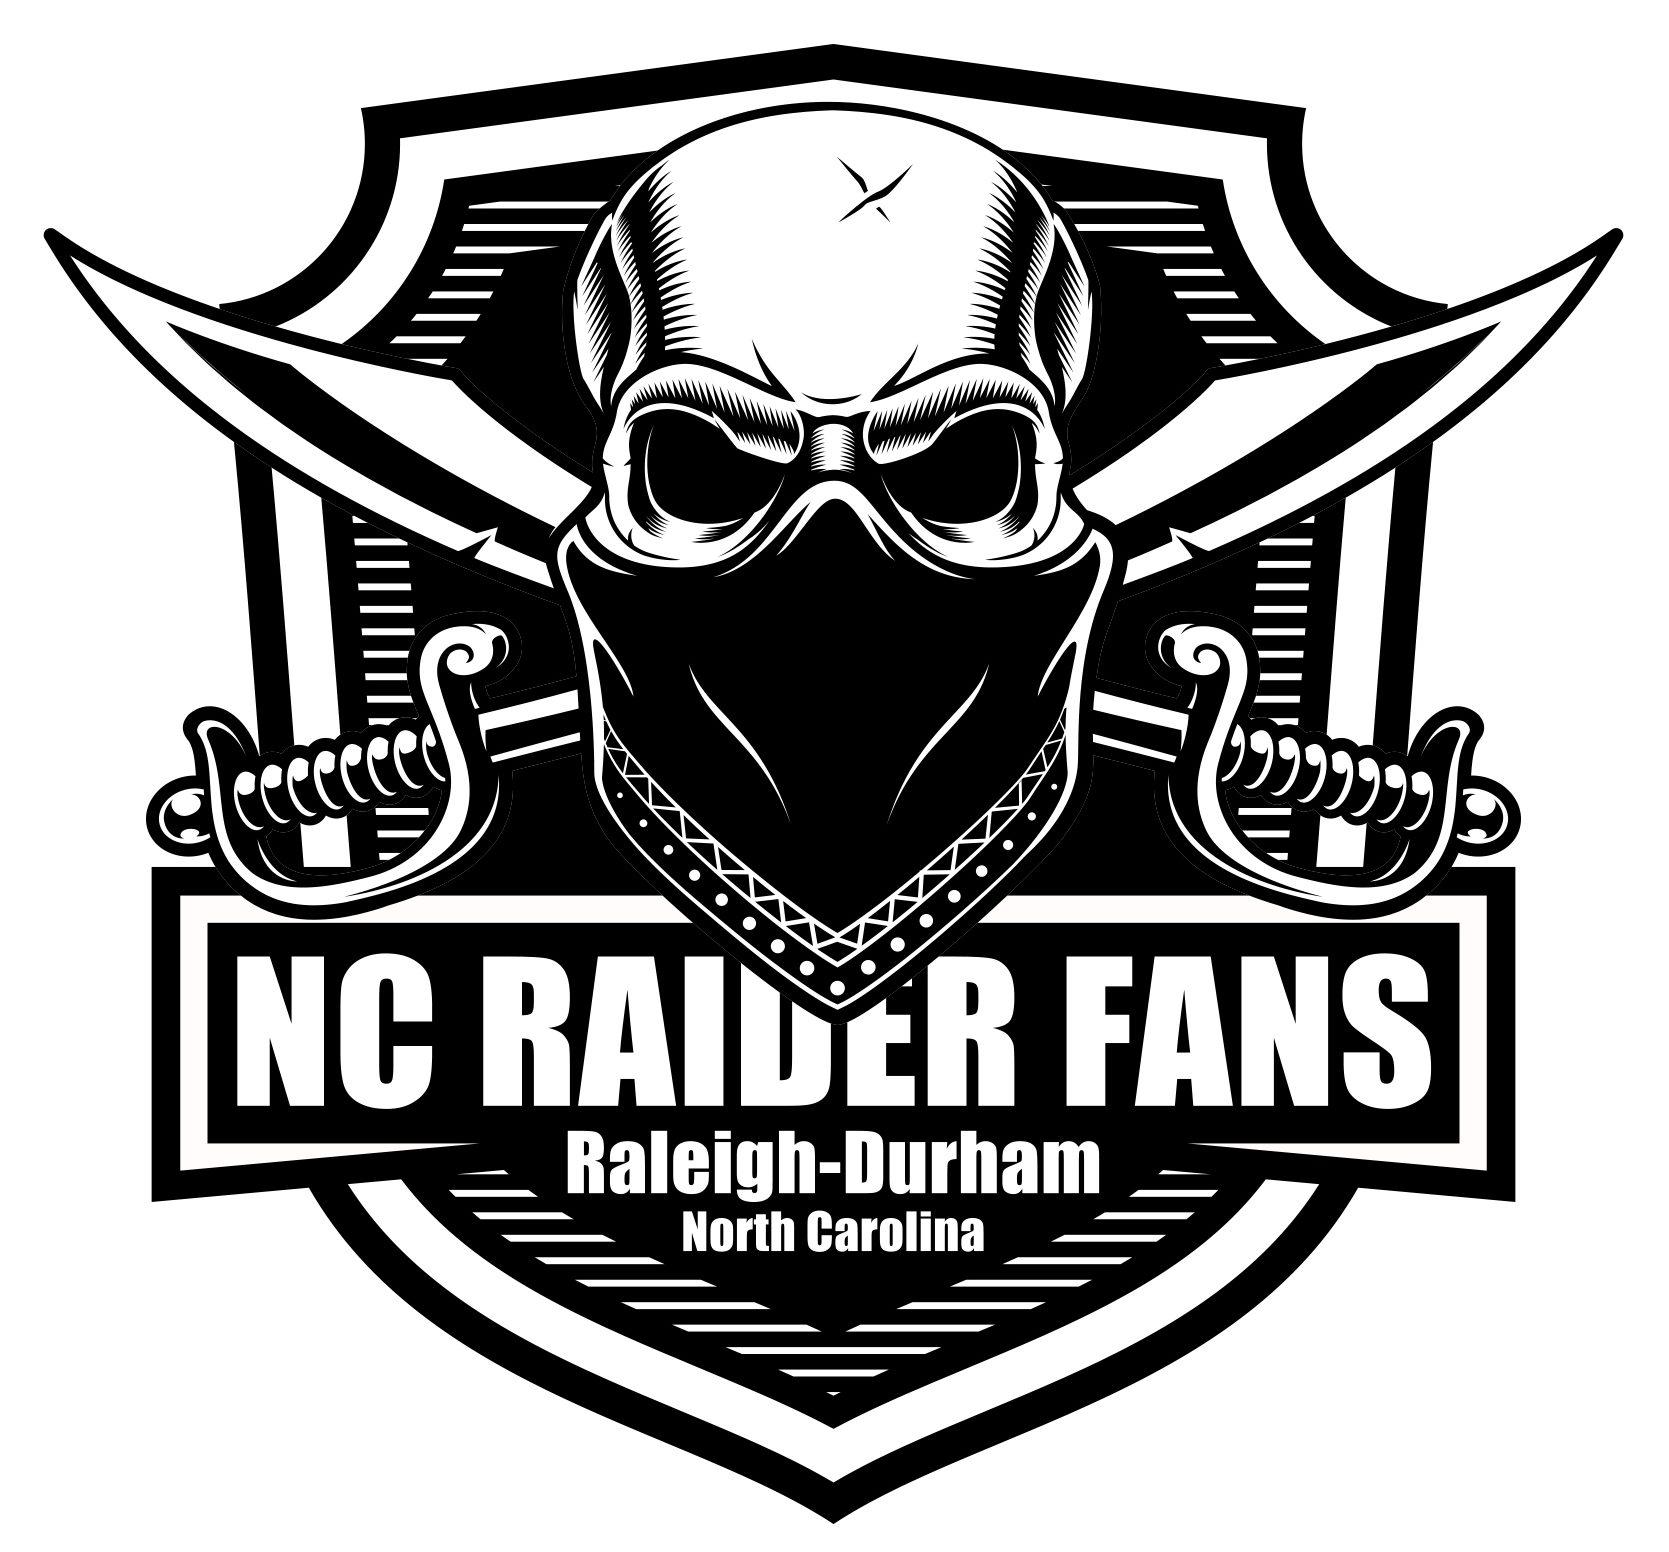 NC RAIDER FANS